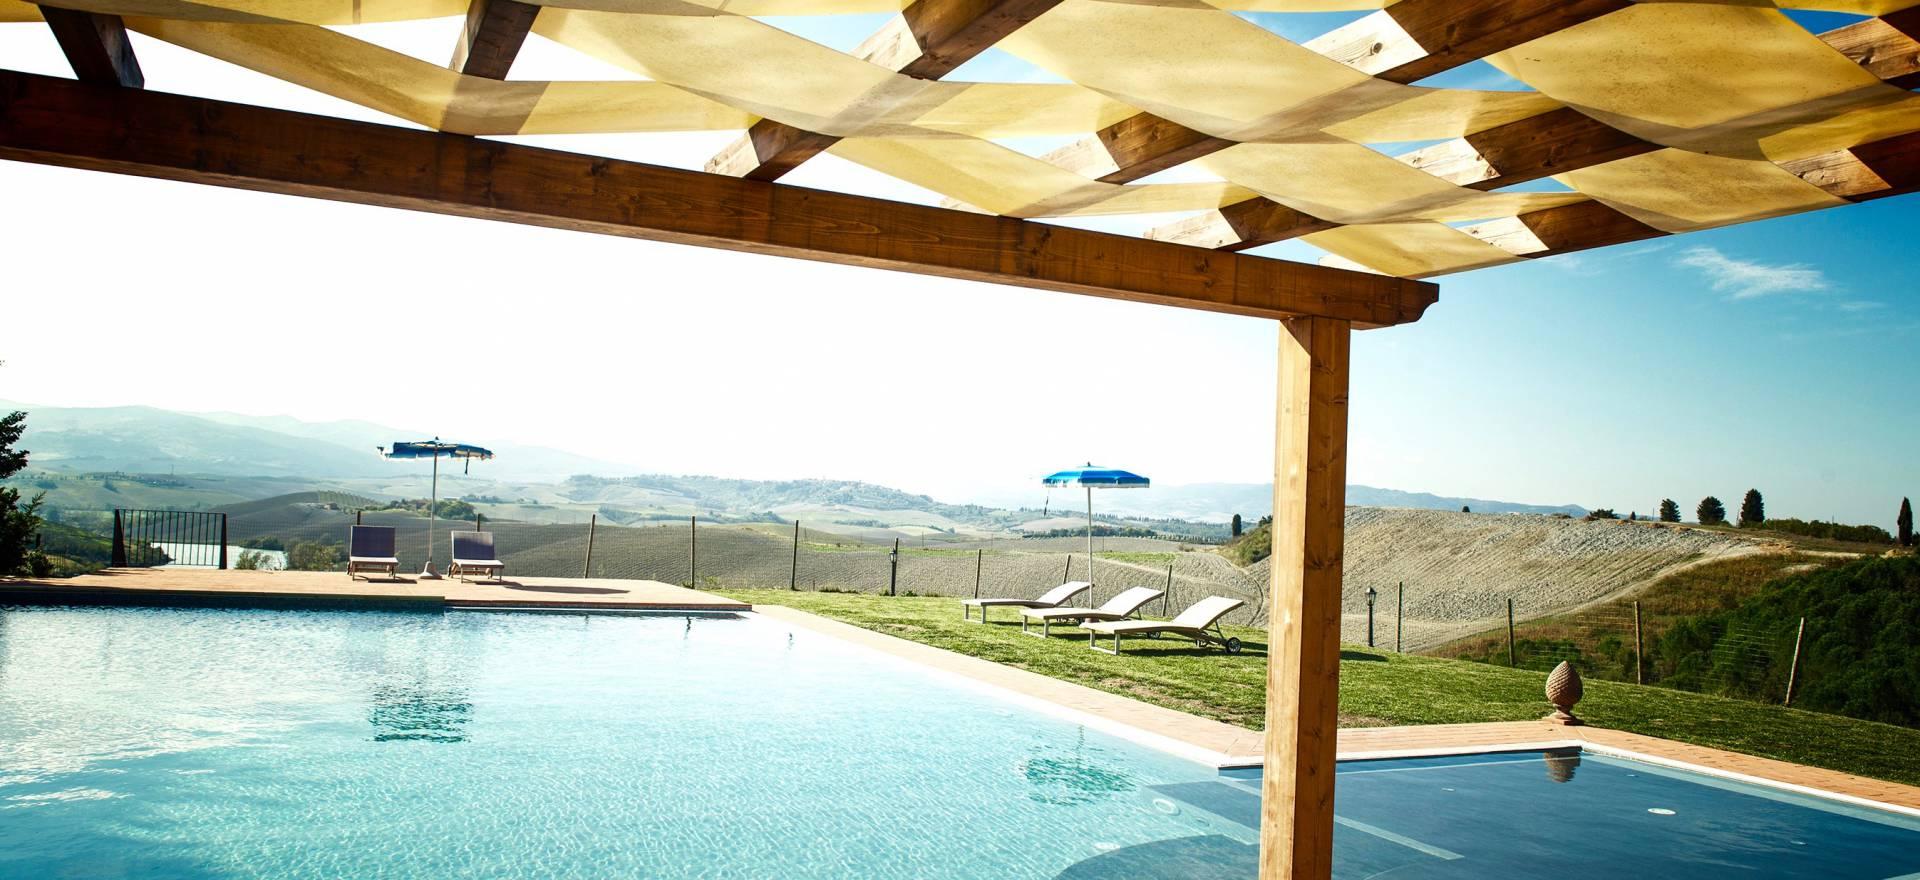 Agriturismo Toscane Agriturismo Toscane, gezellig en zeer gastvrij!